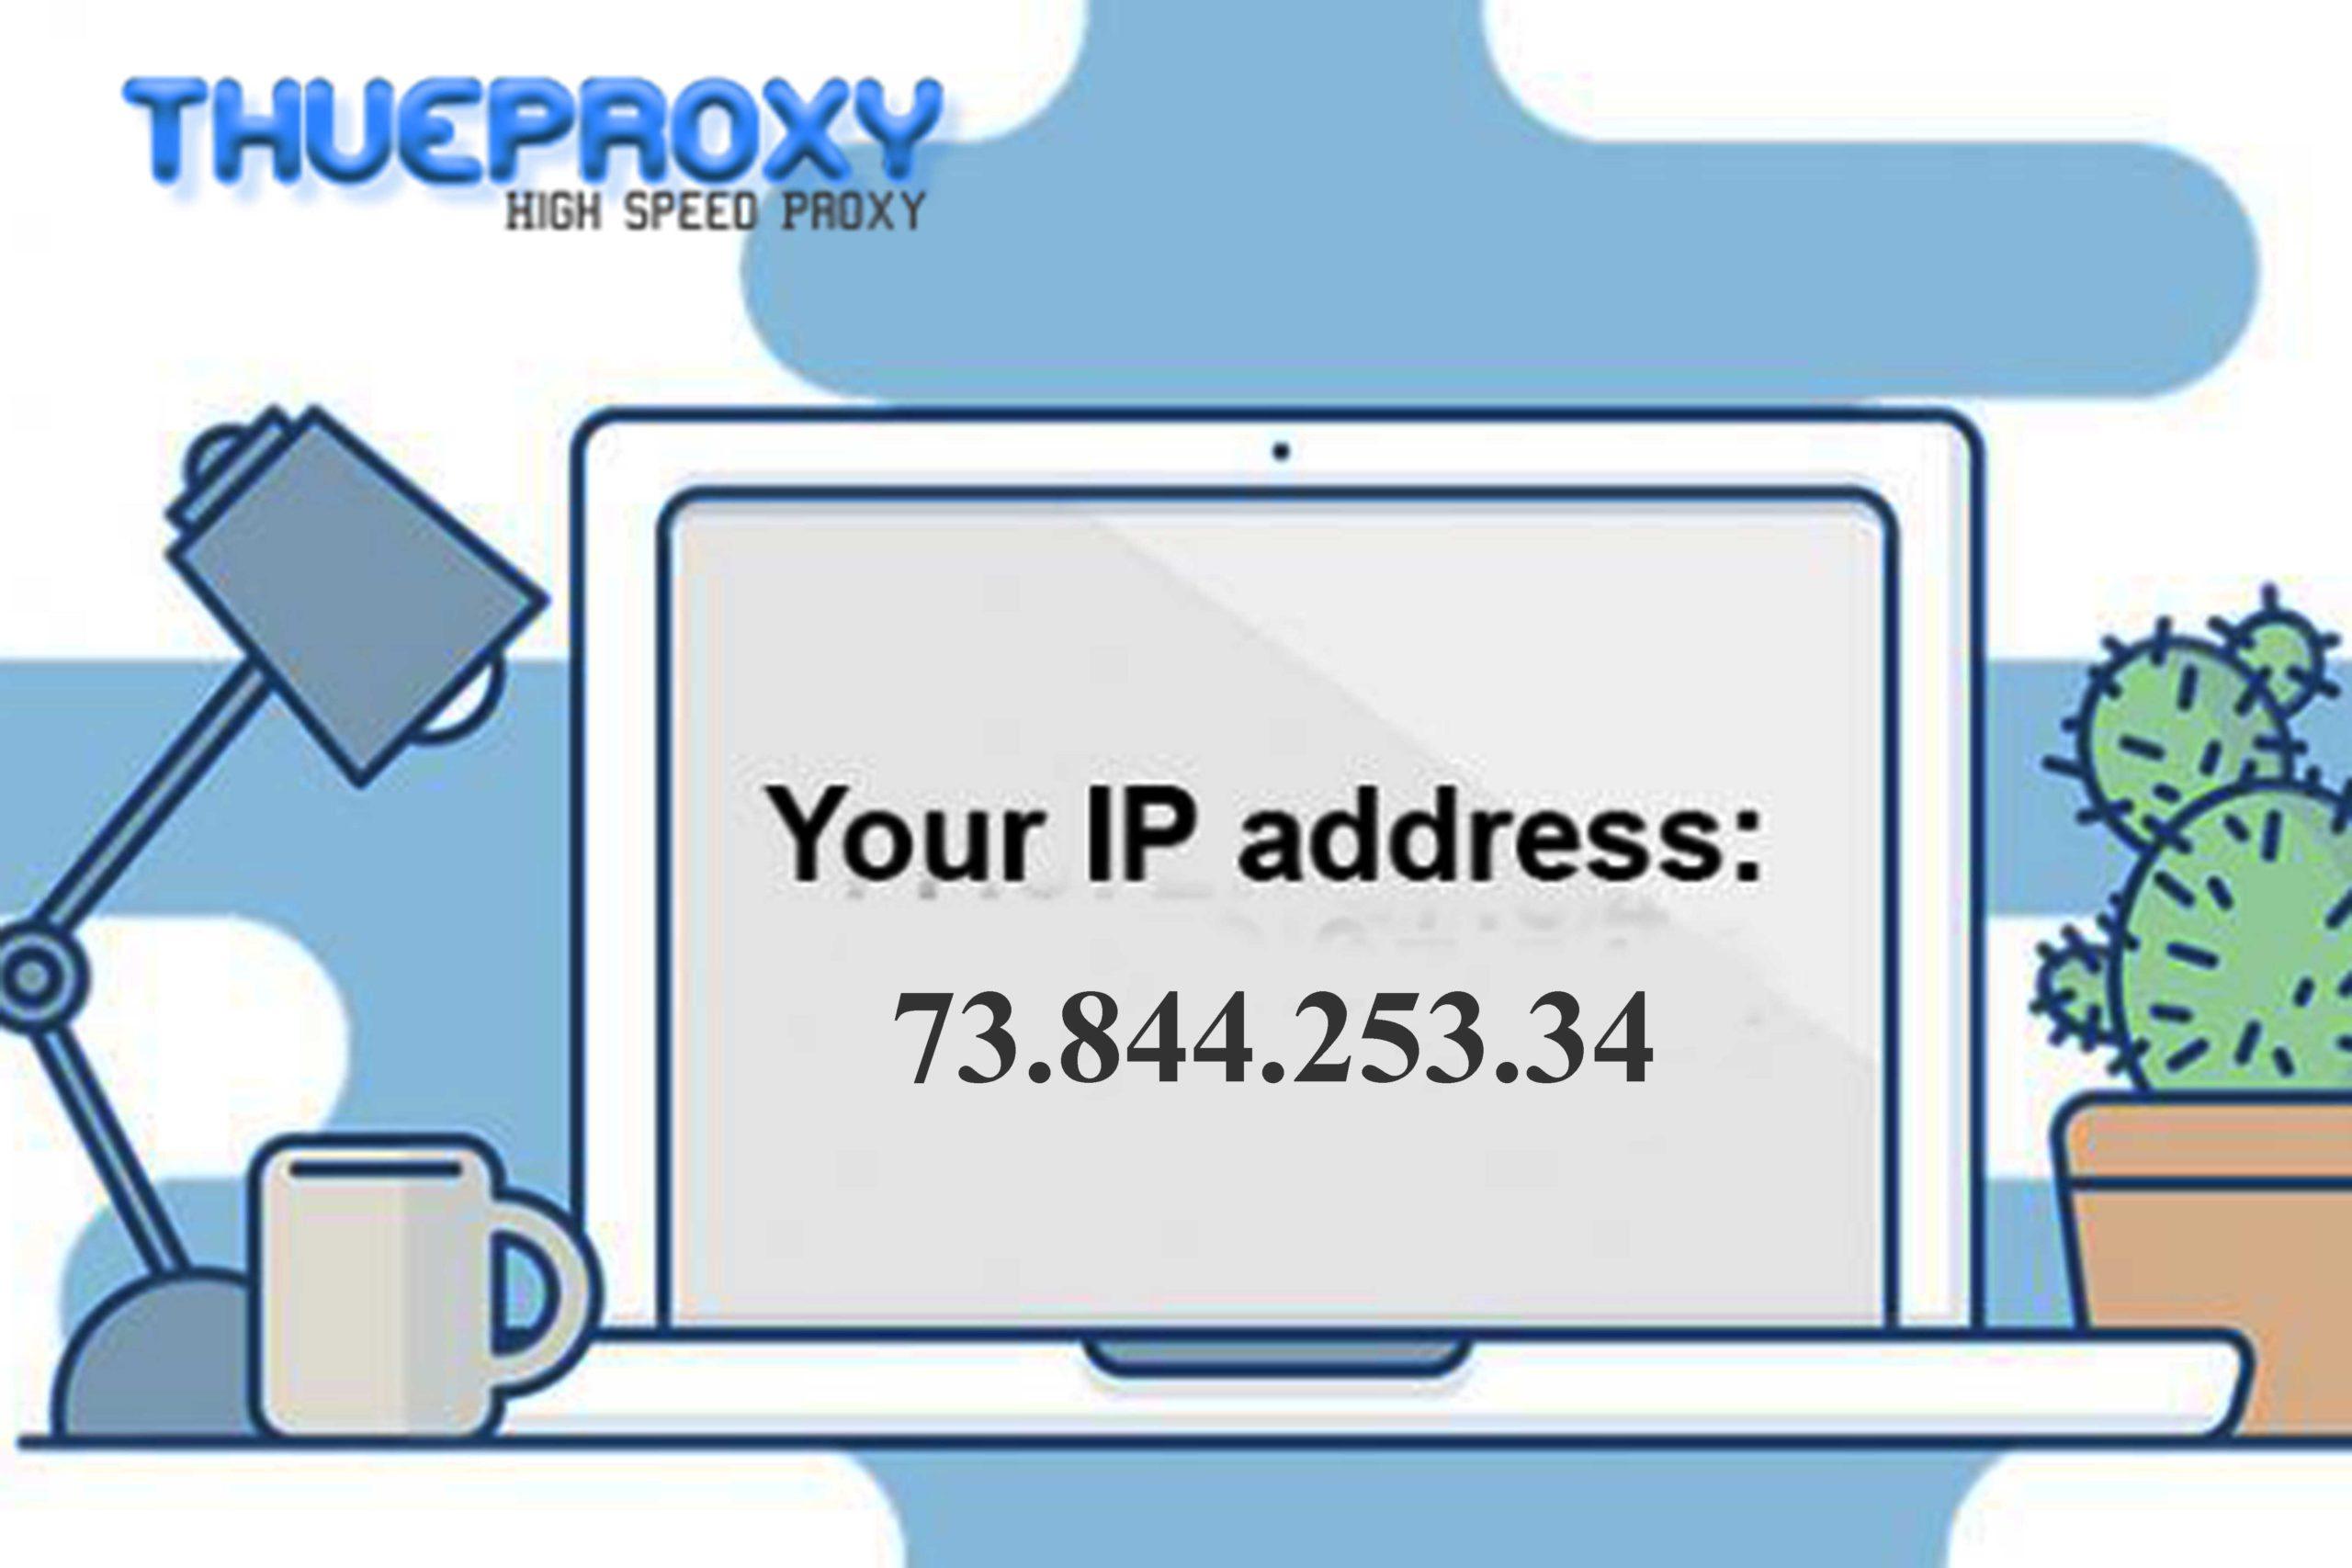 IP là gì? private proxy là gì?